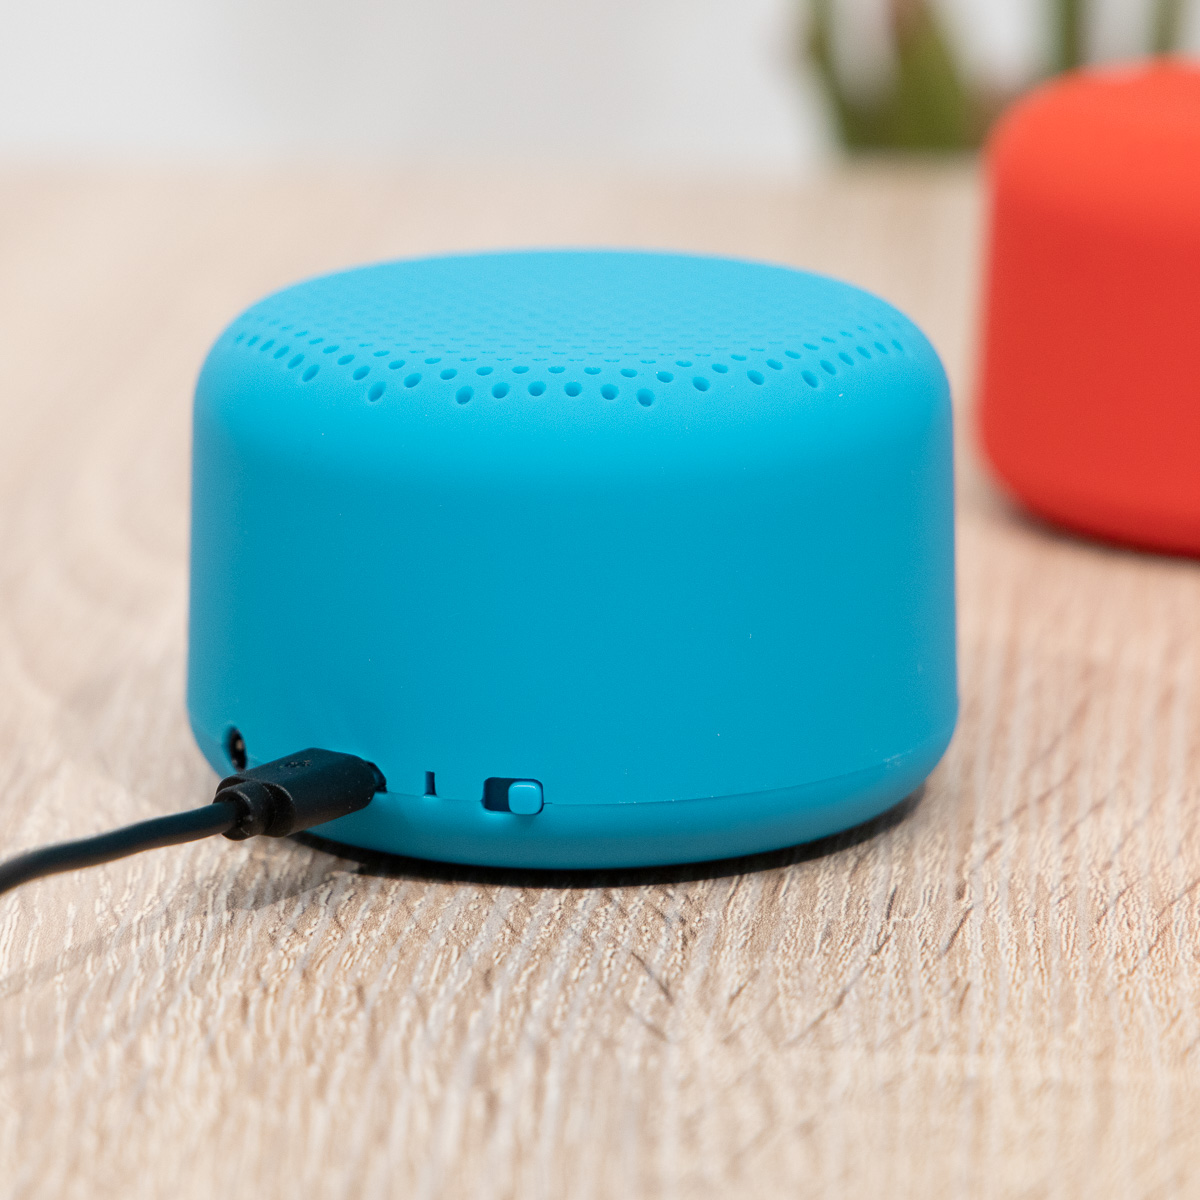 Veho M1 Bluetooth Lautsprecher